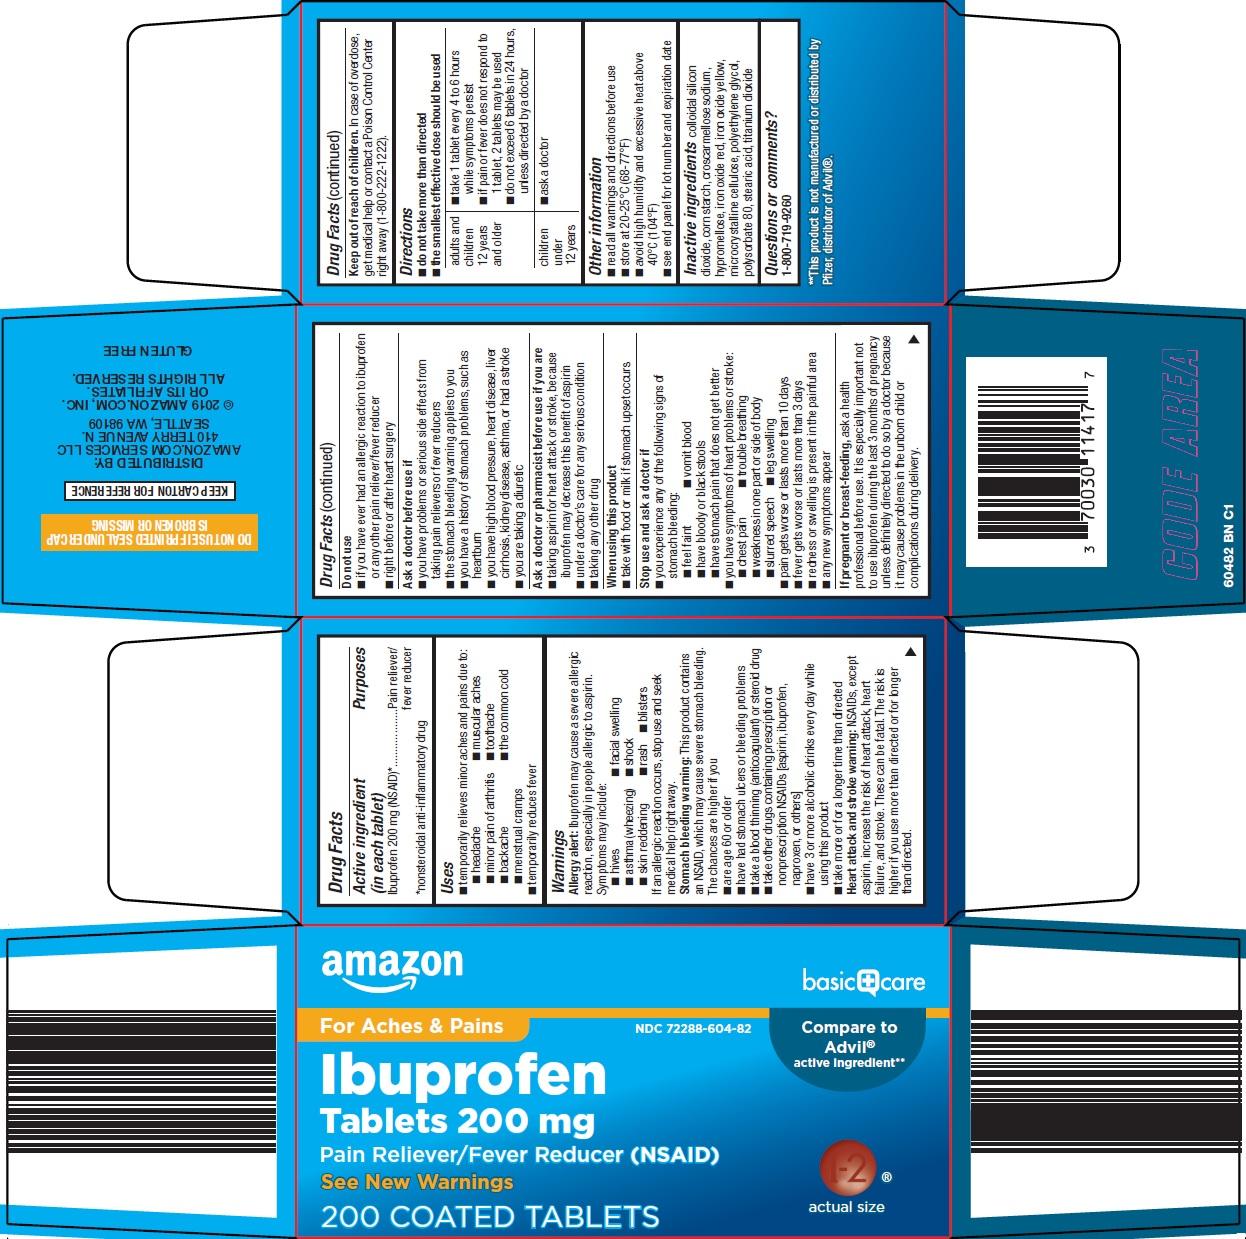 604-bn-ibuprofen.jpg